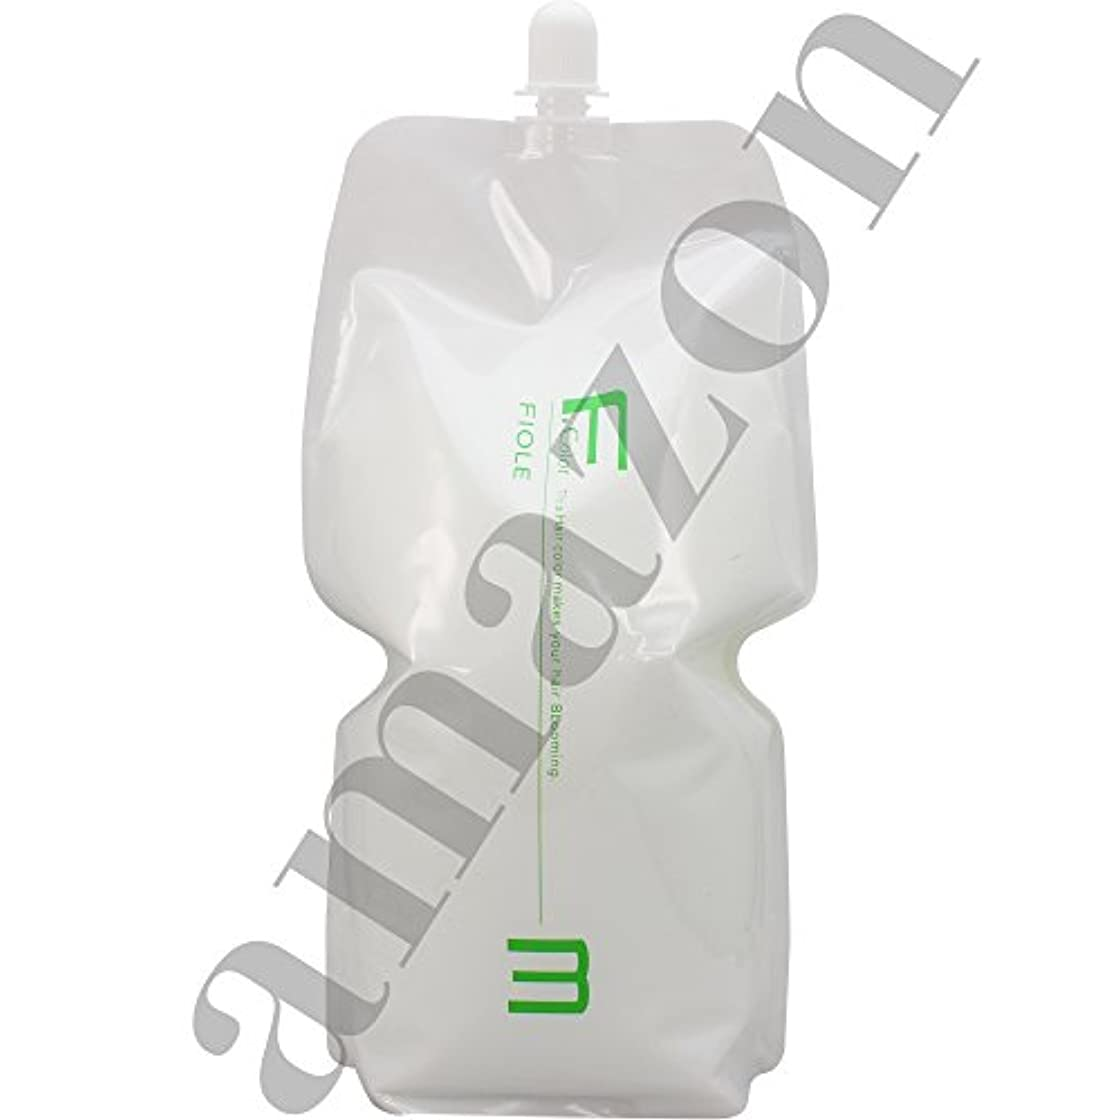 宣言する鑑定コアフィヨーレ BLカラー OX 2000ml 染毛補助剤 第2剤 パウチ (OX3%)